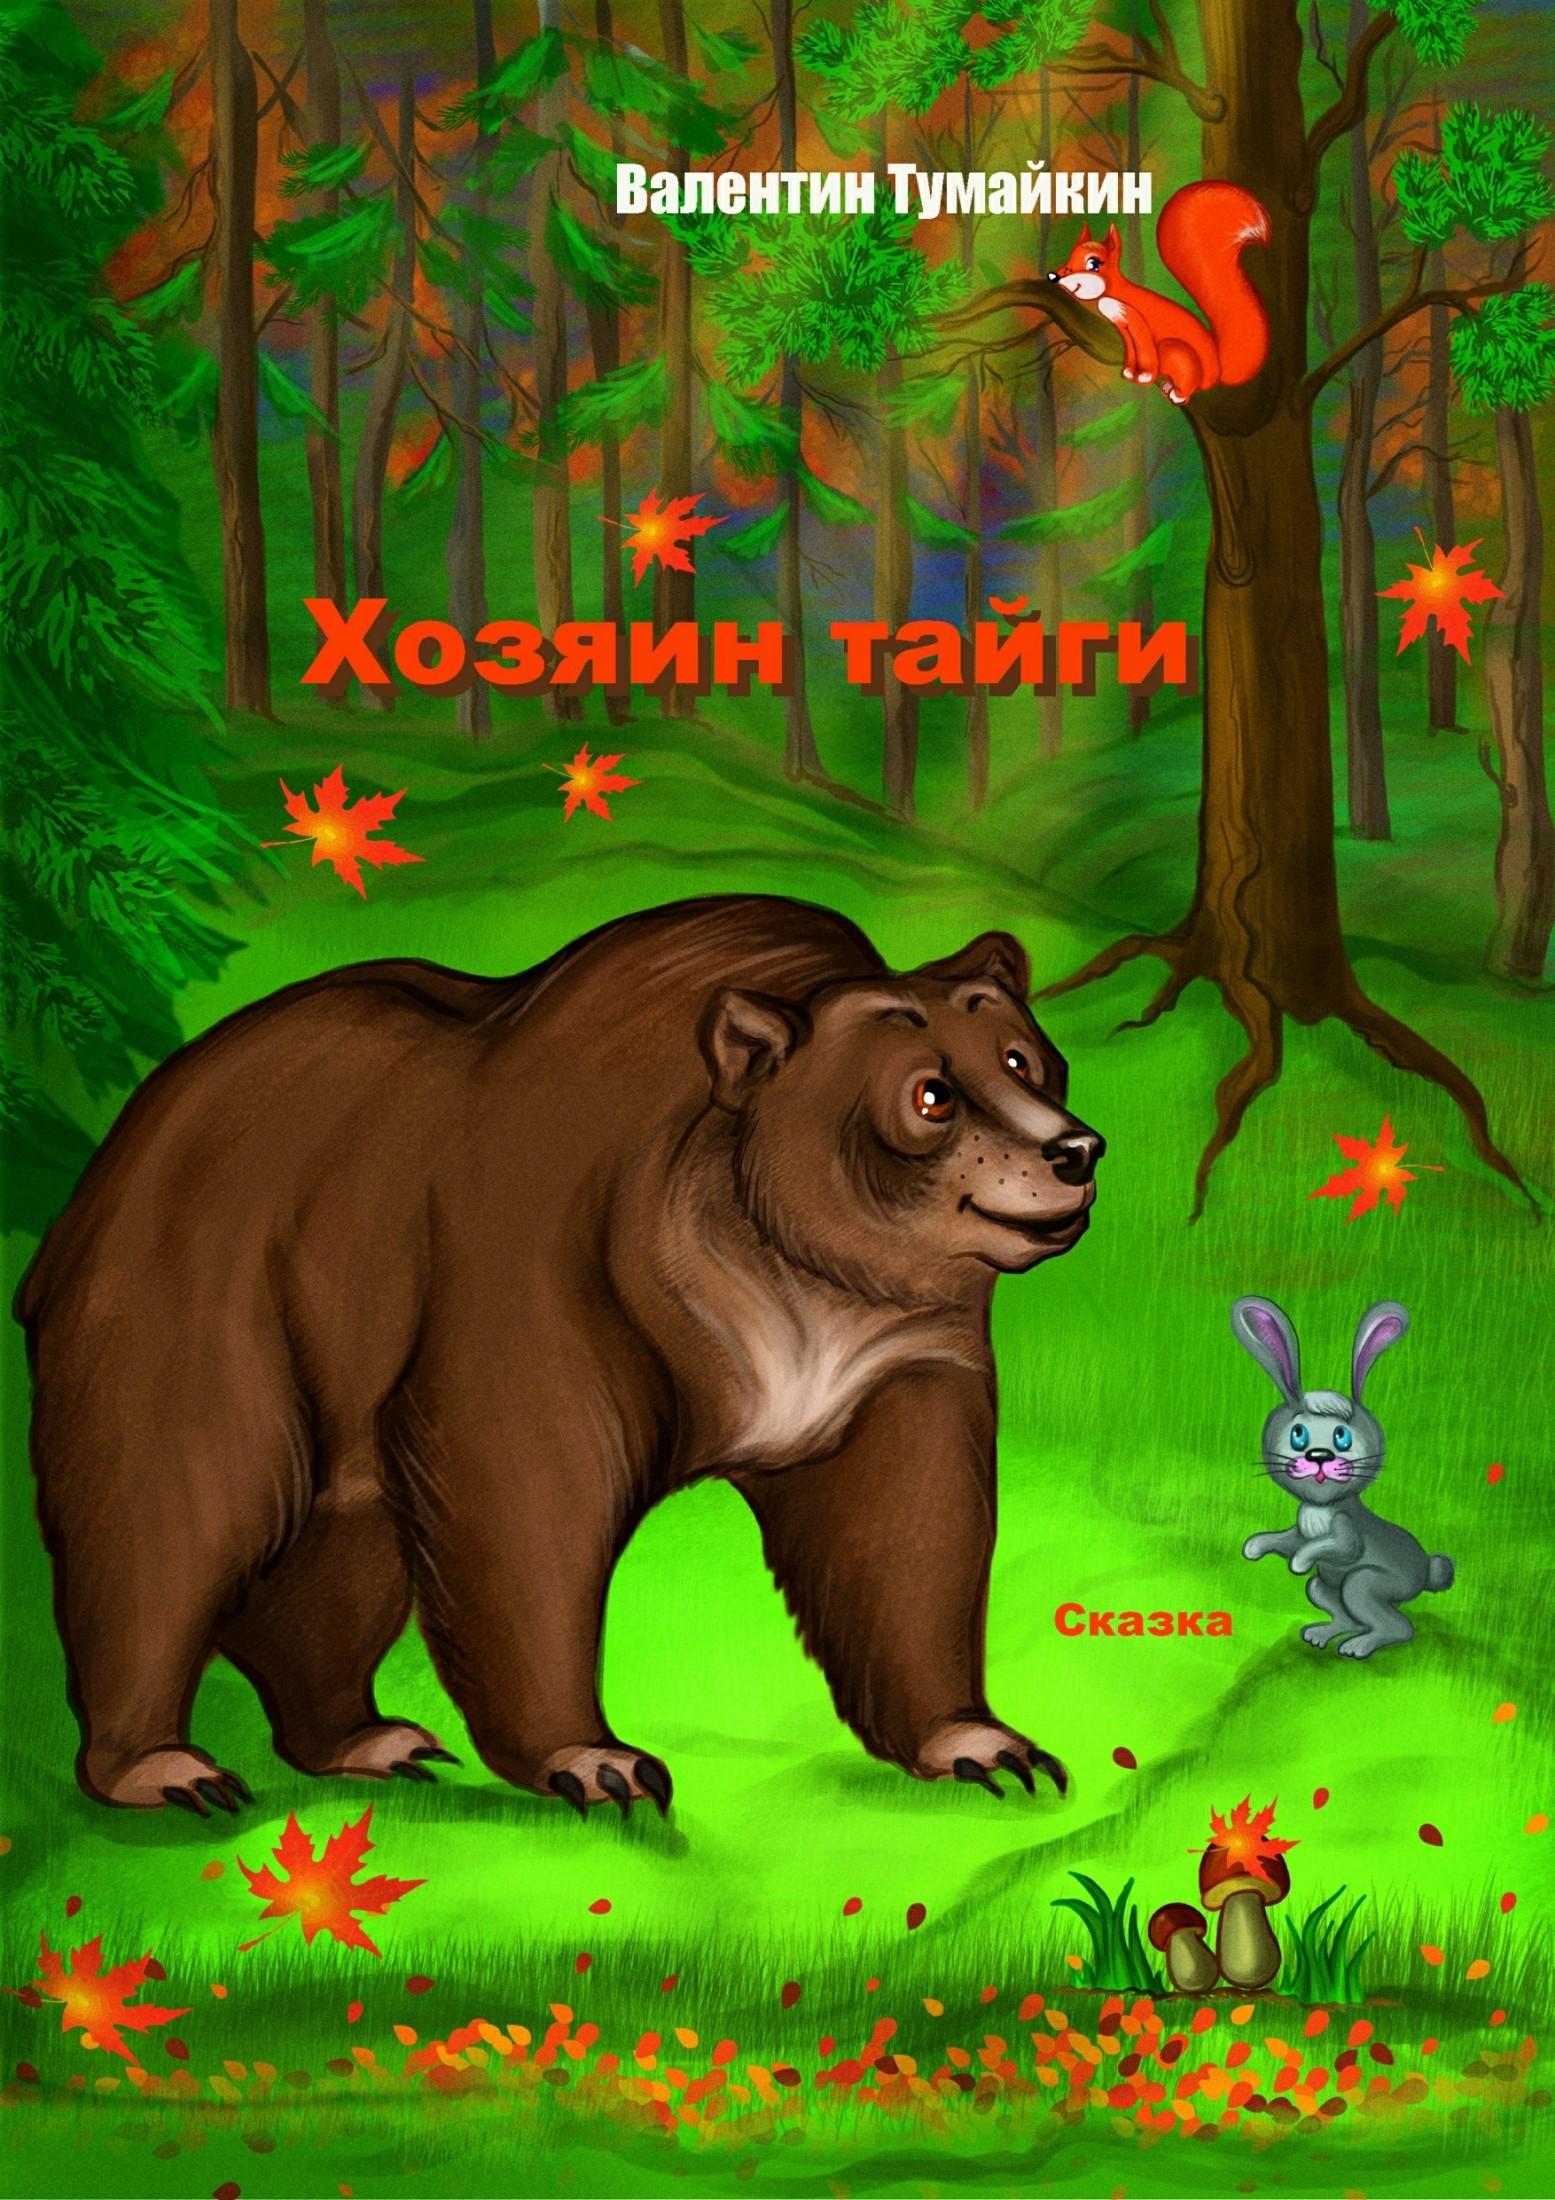 Валентин Тумайкин - Хозяин тайги